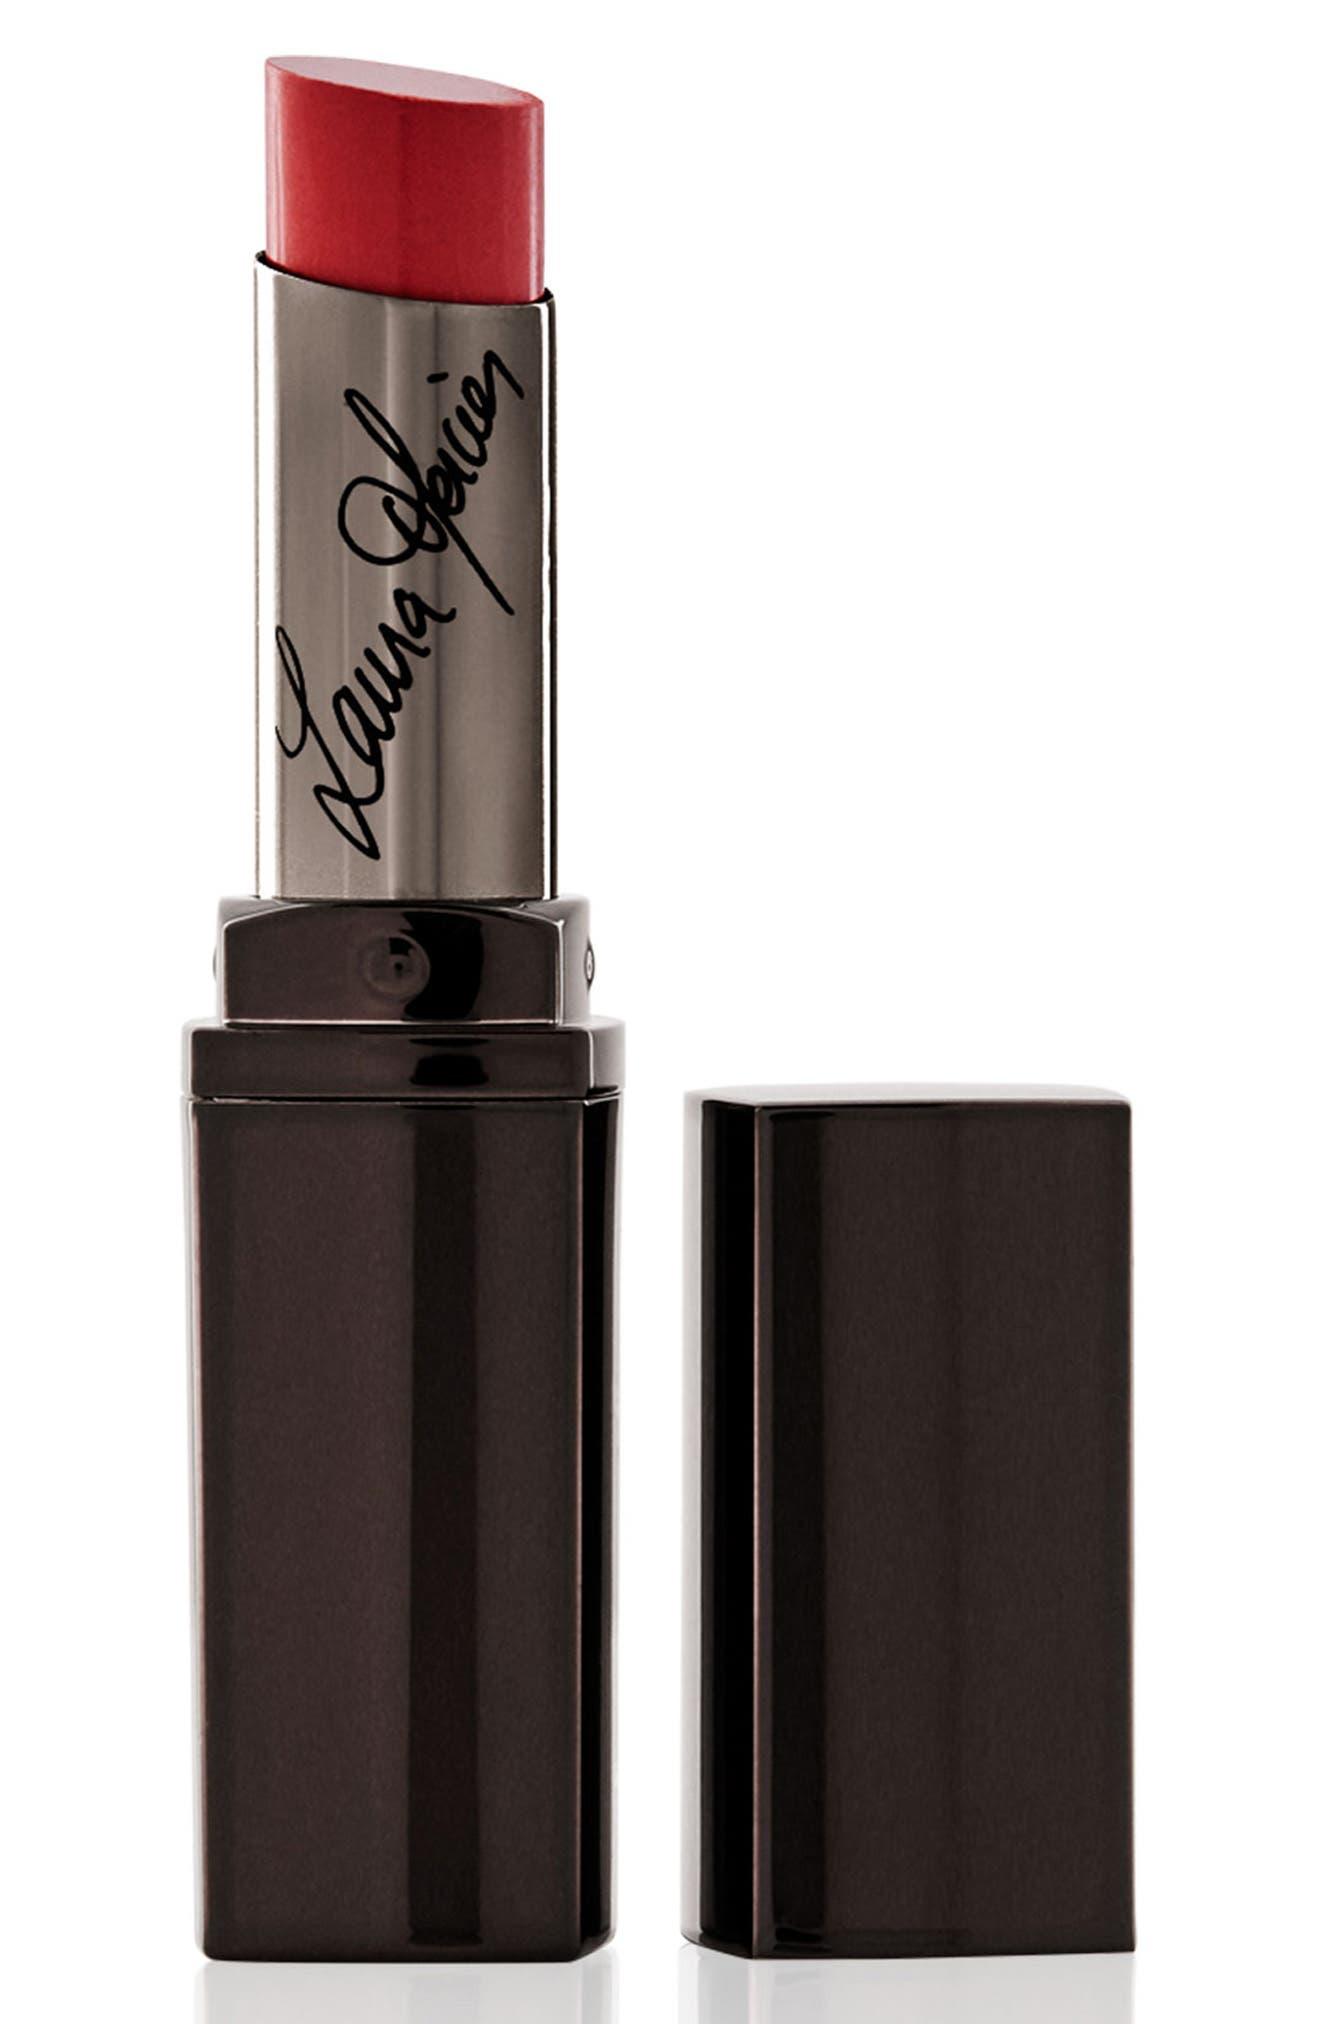 Image of Laura Mercier Lip Parfait Creamy Color Balm